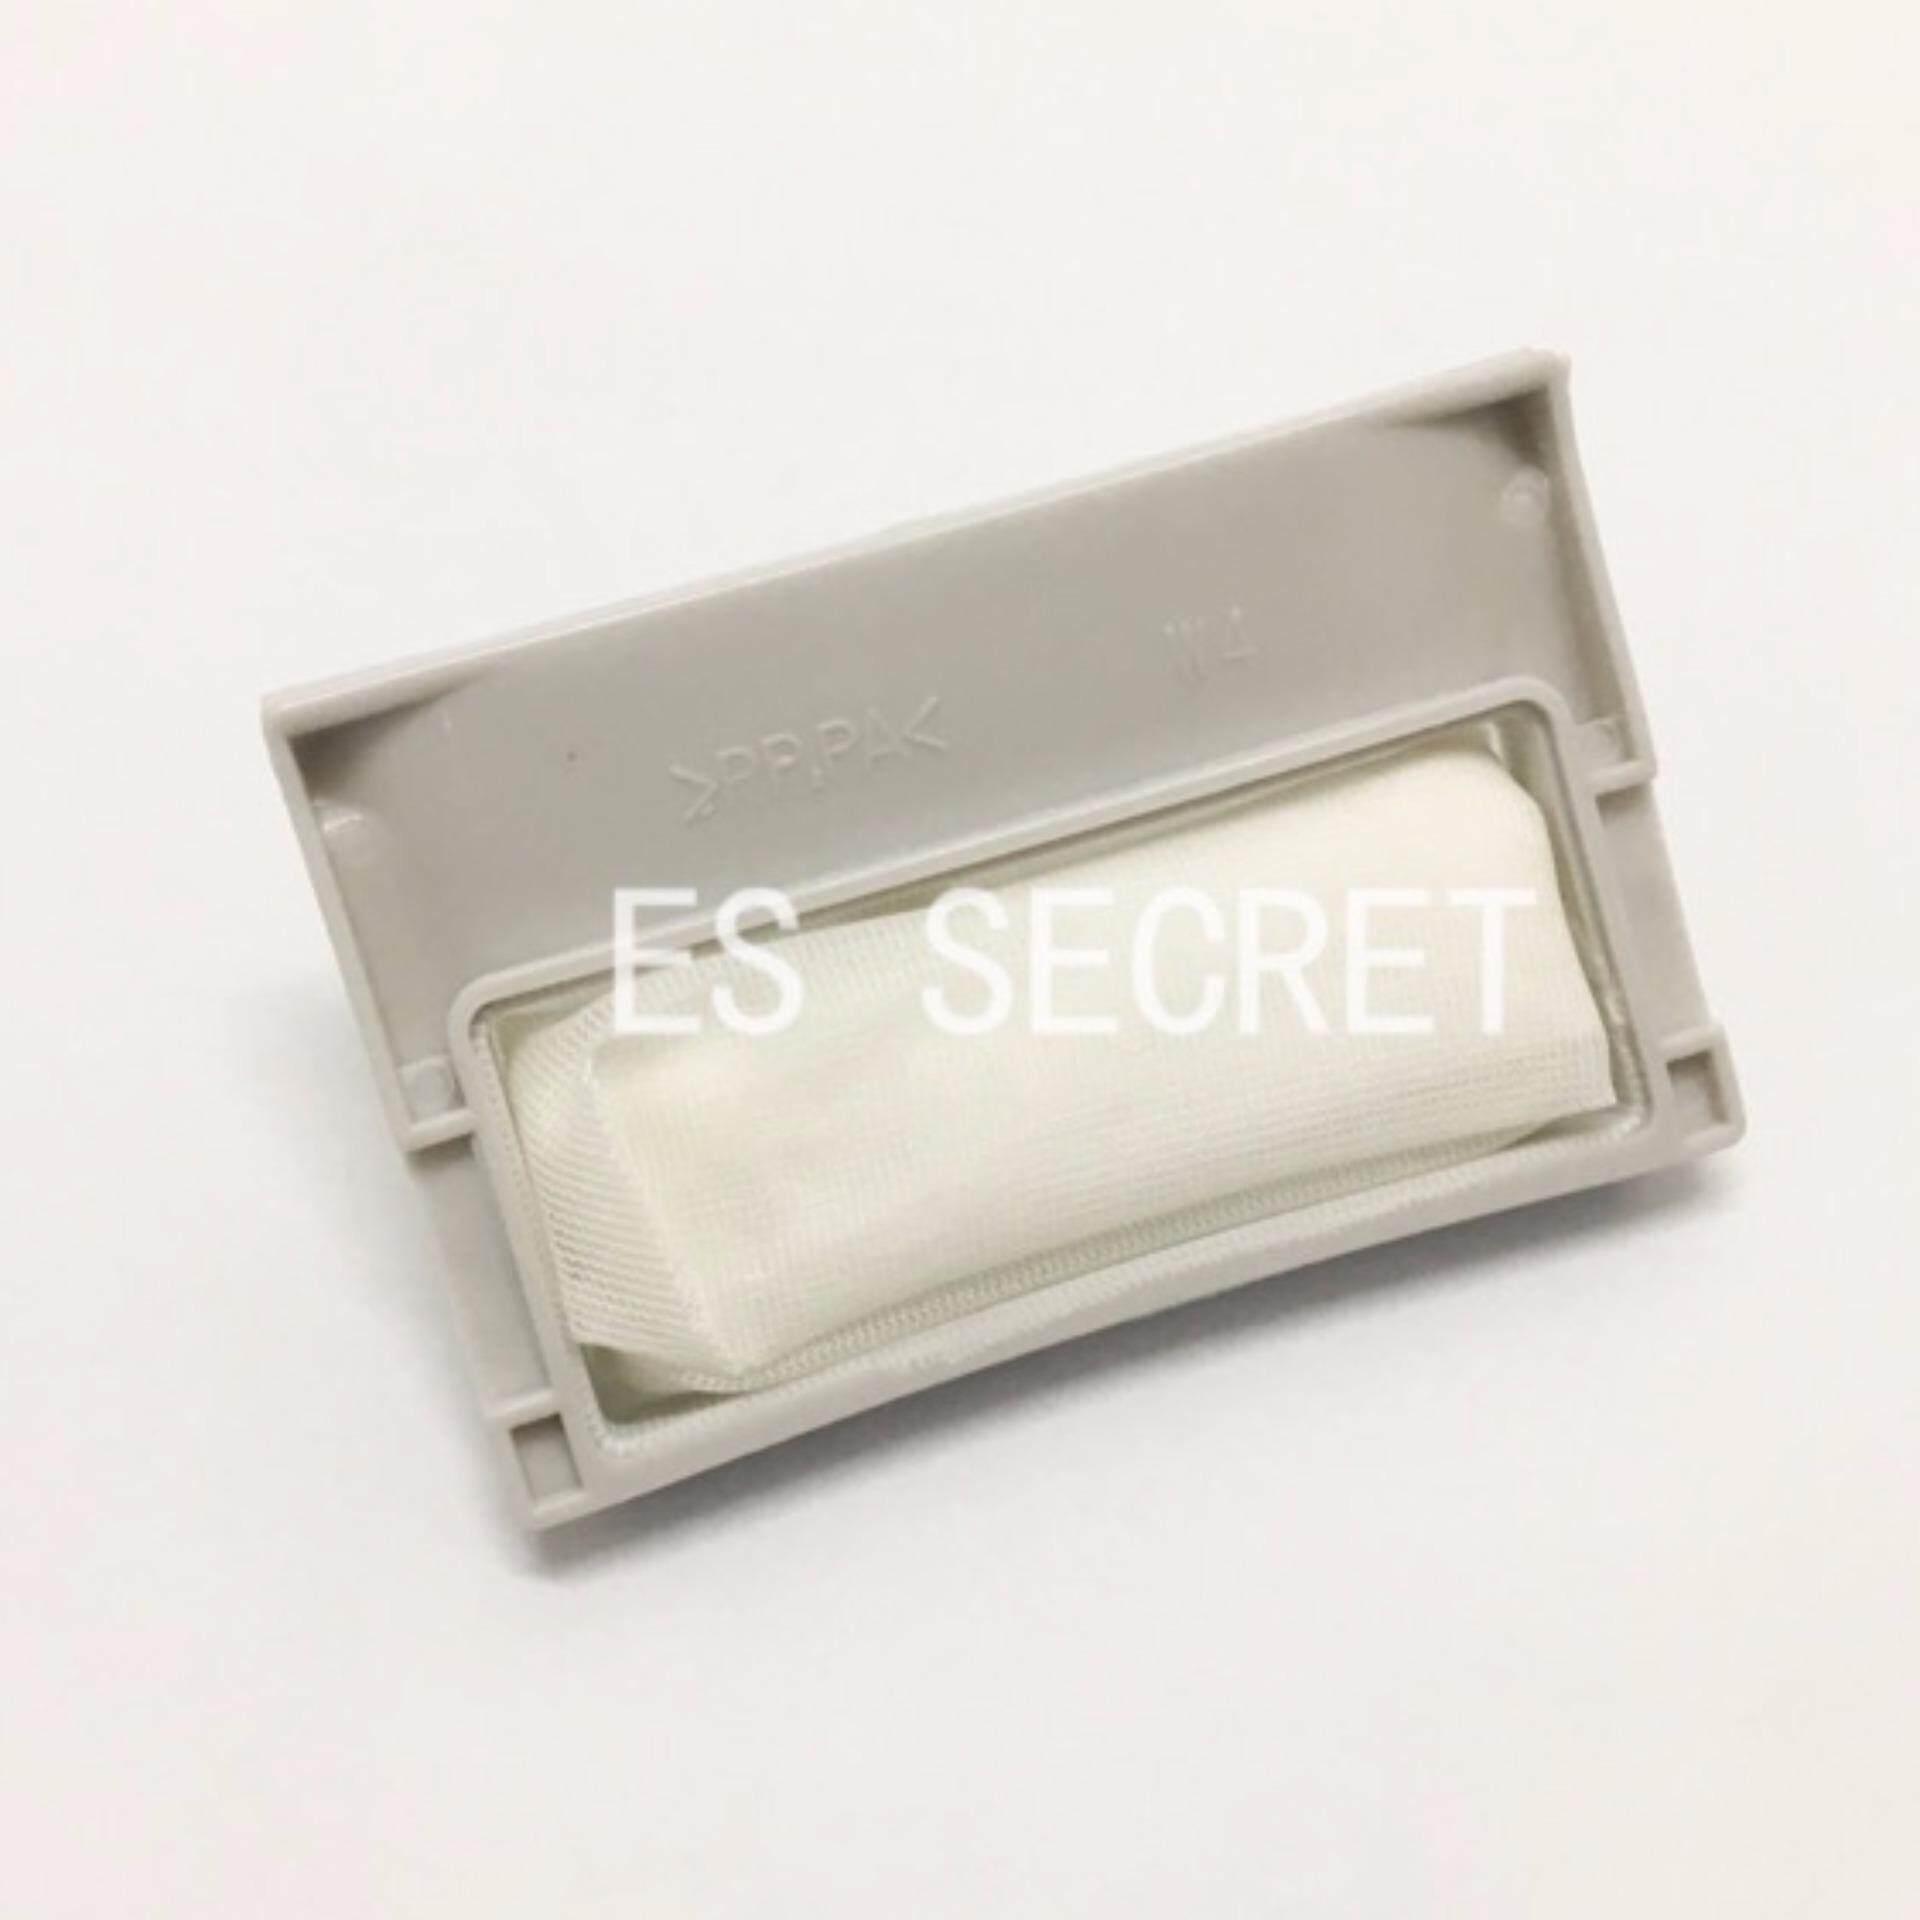 Panasonic Washing machine Dust Filter BUY 1 FREE 1